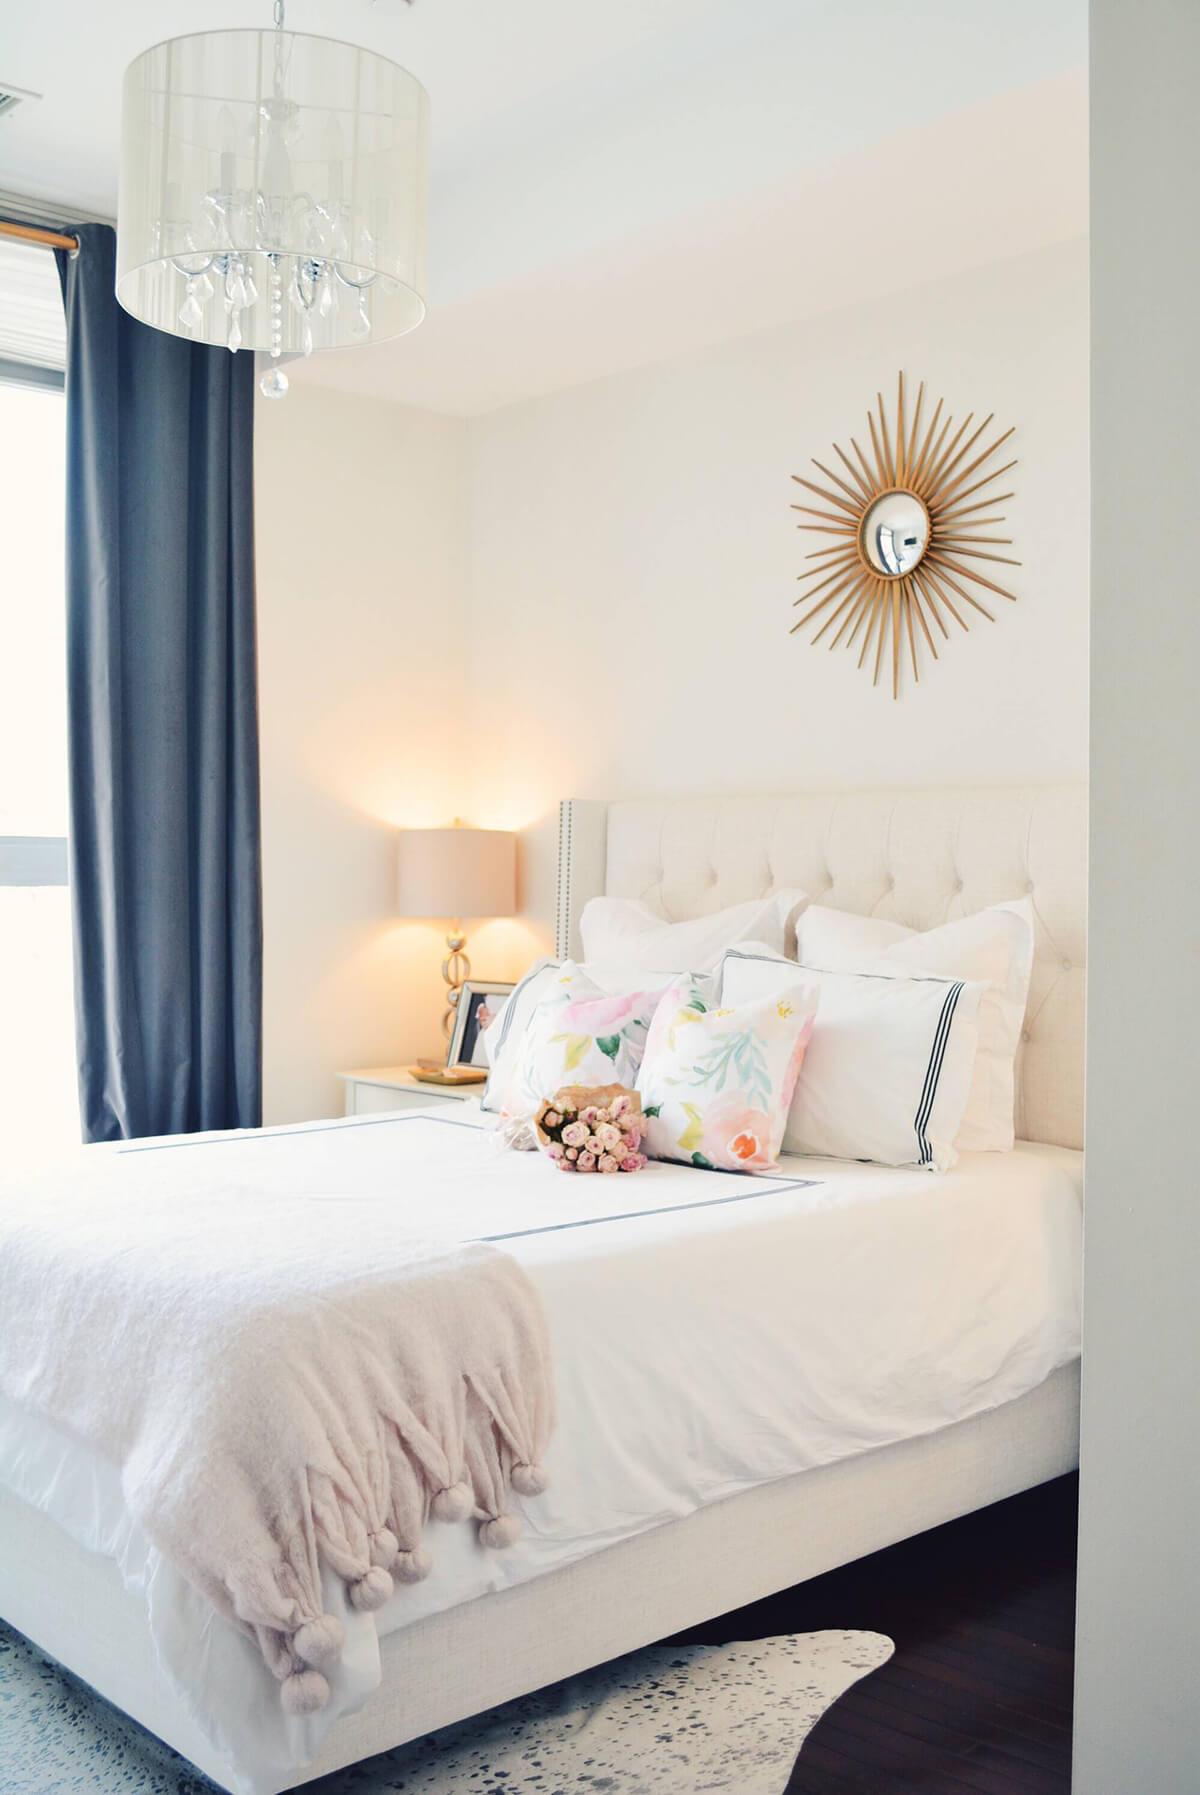 Eternal Sunshine Themed Bedroom Decor